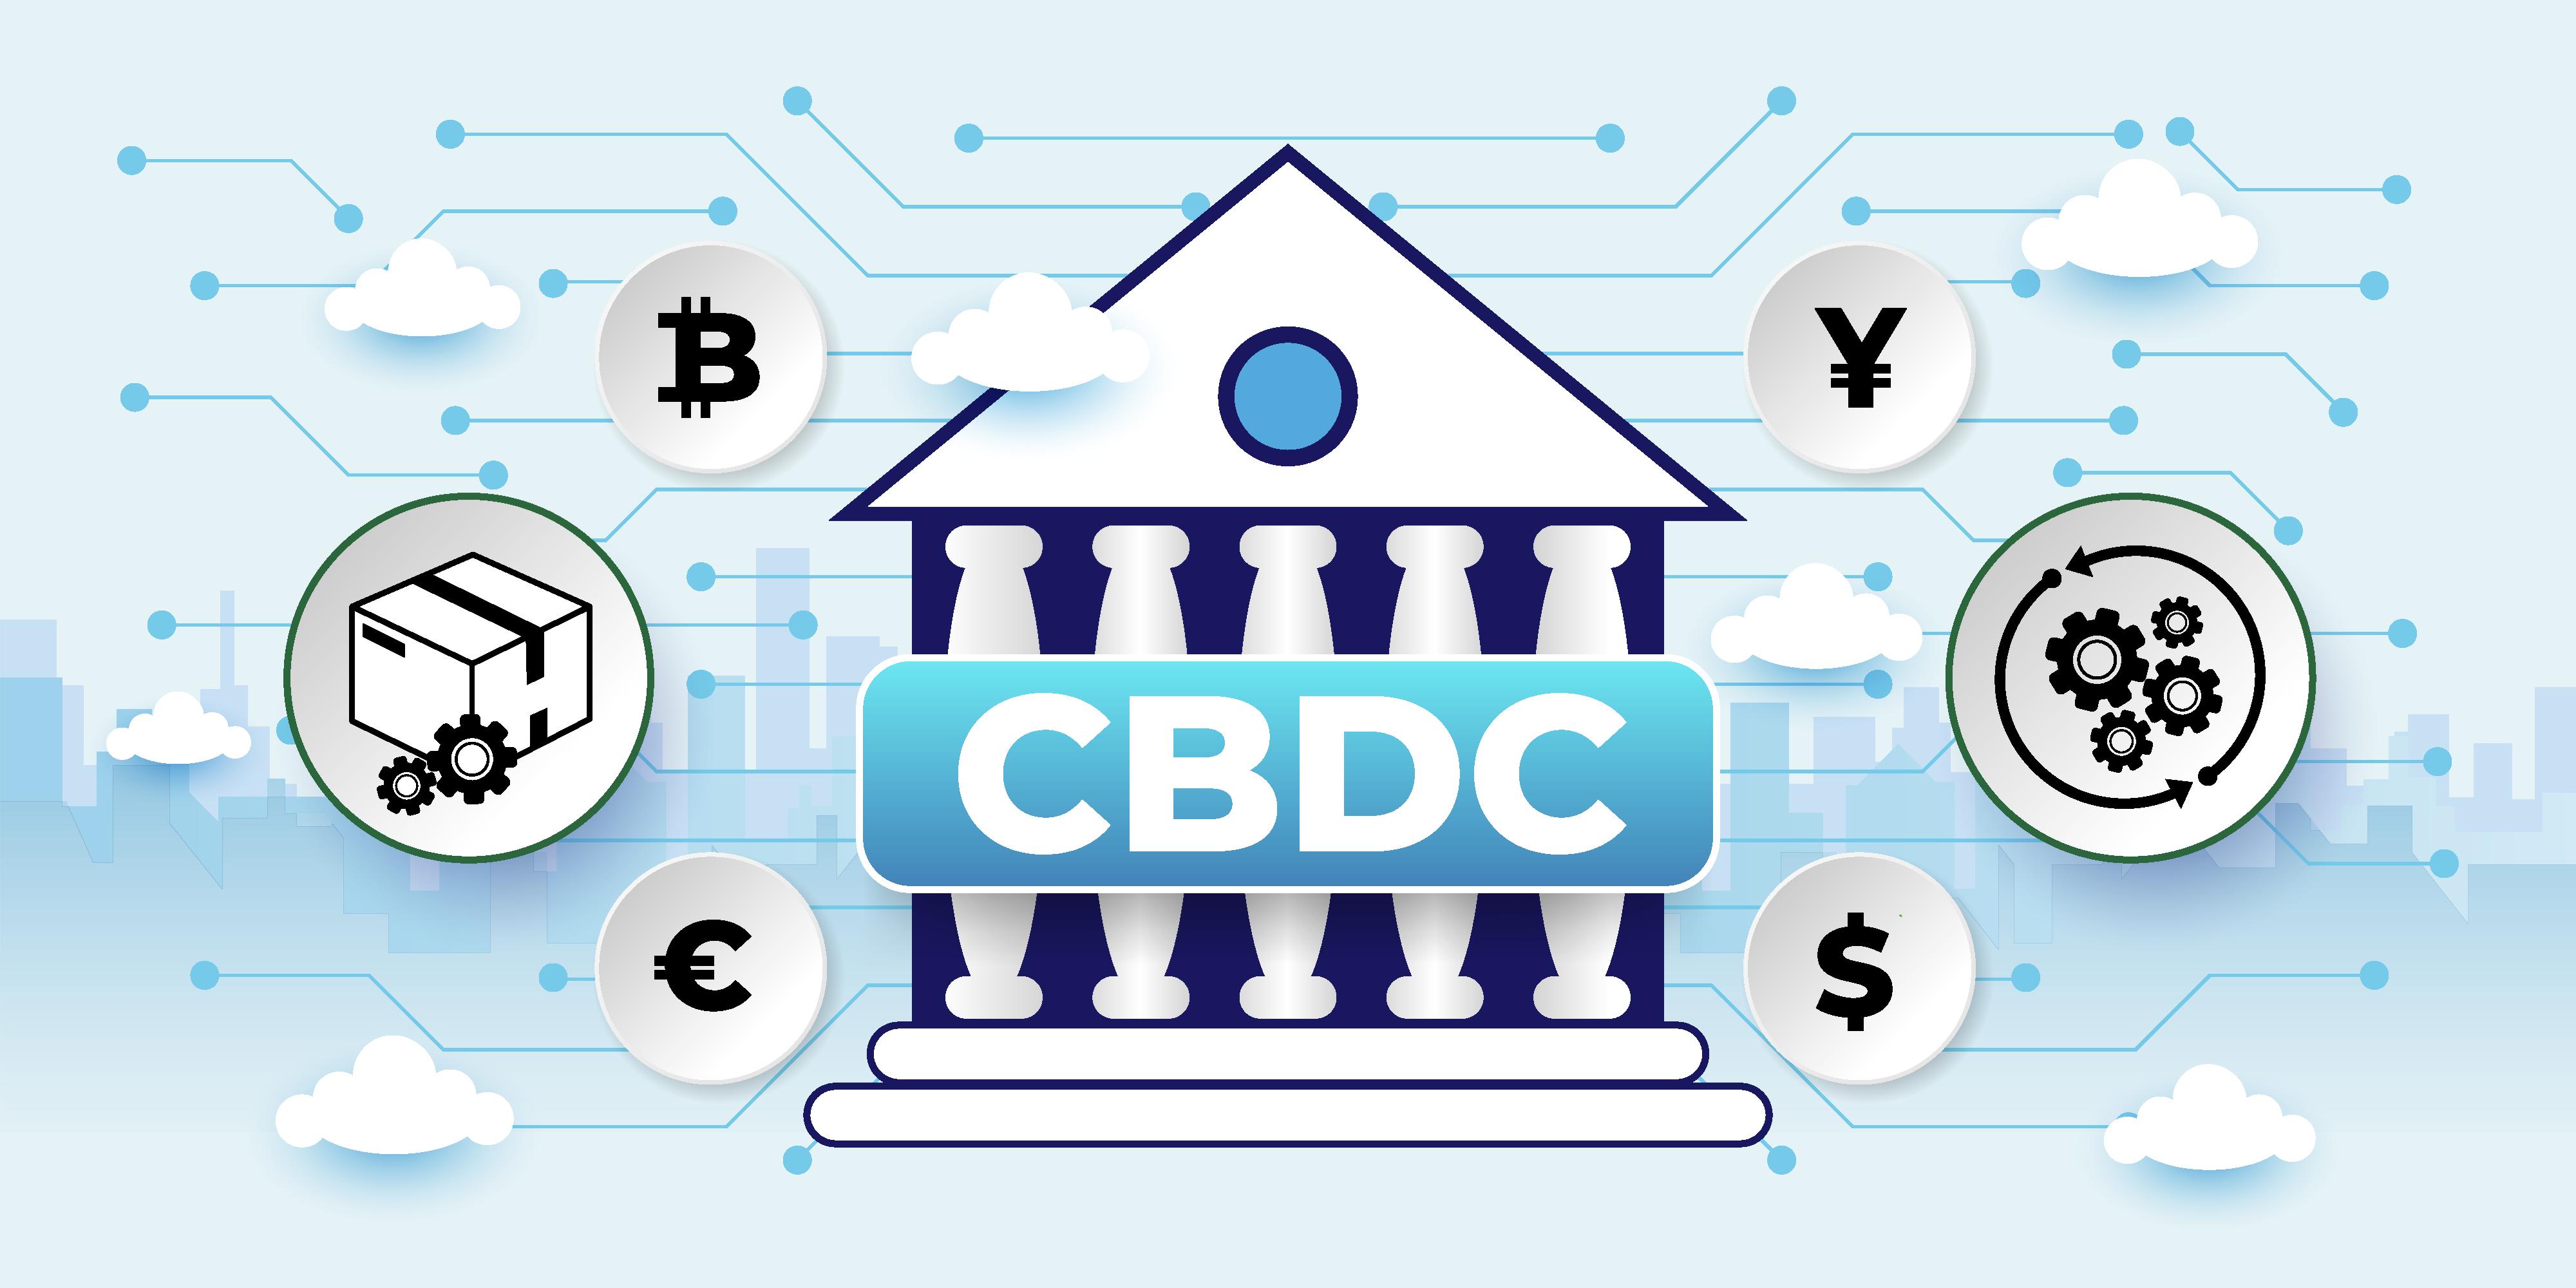 cbdc 4 Crypto